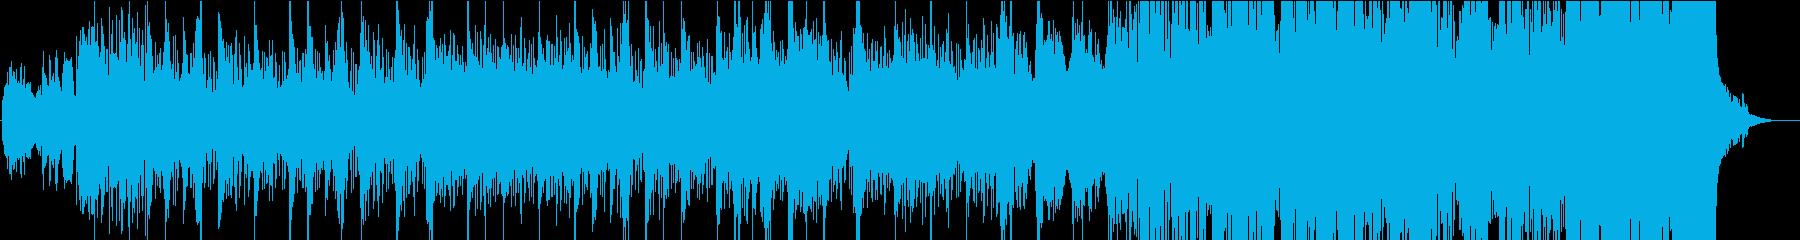 ポップ テクノ モダン コーポレー...の再生済みの波形